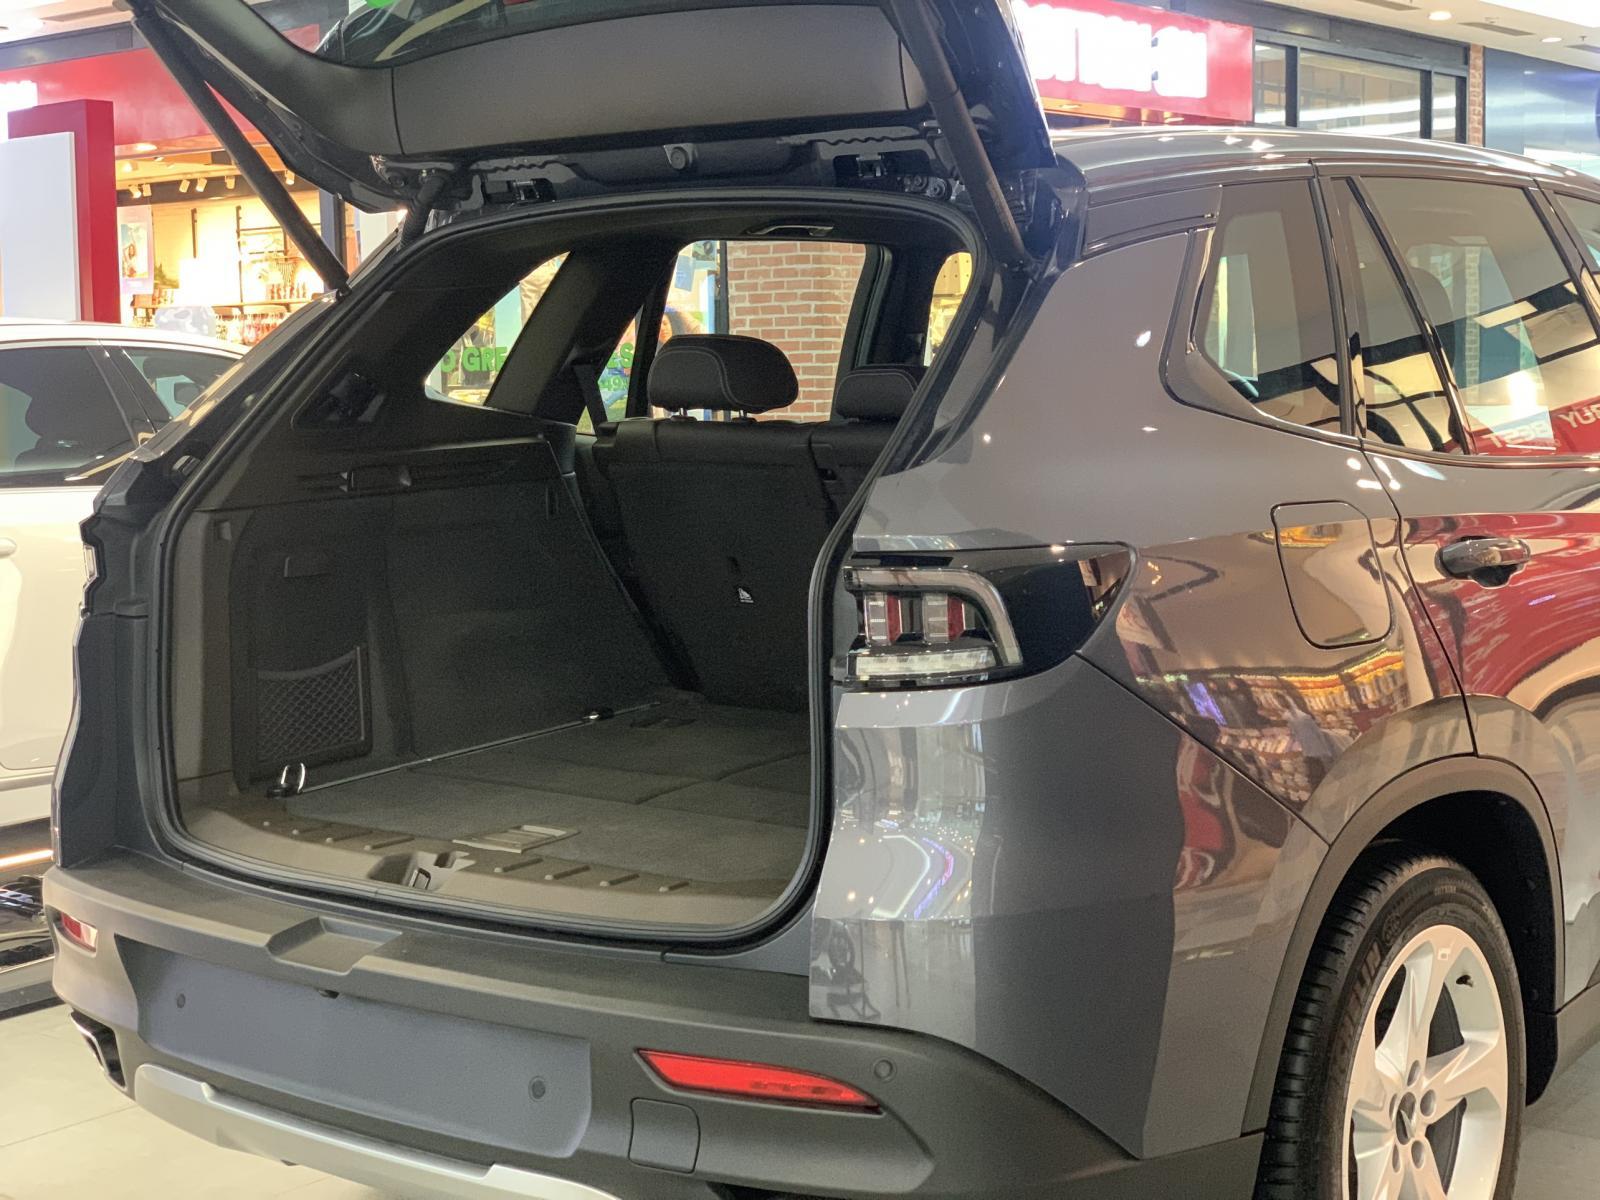 Thu xe cũ đổi xe Vinfast mới, nhiều ưu đãi khủng trong tháng